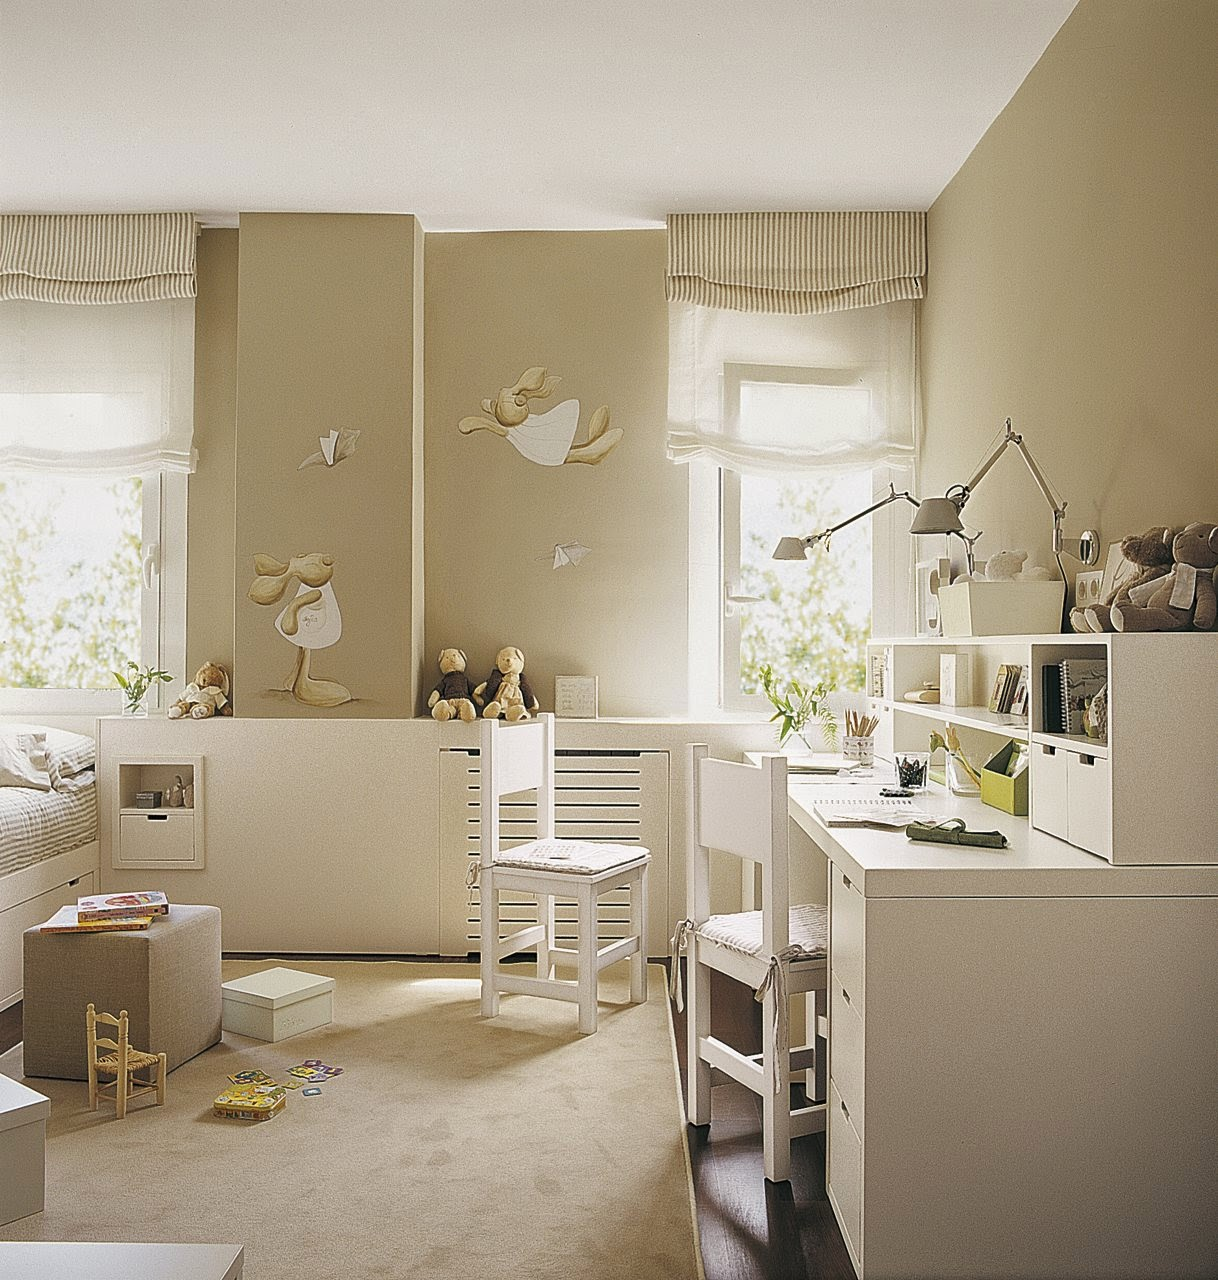 Un faro de ideas habitaciones infantiles - Habitacion para 2 ninos ...